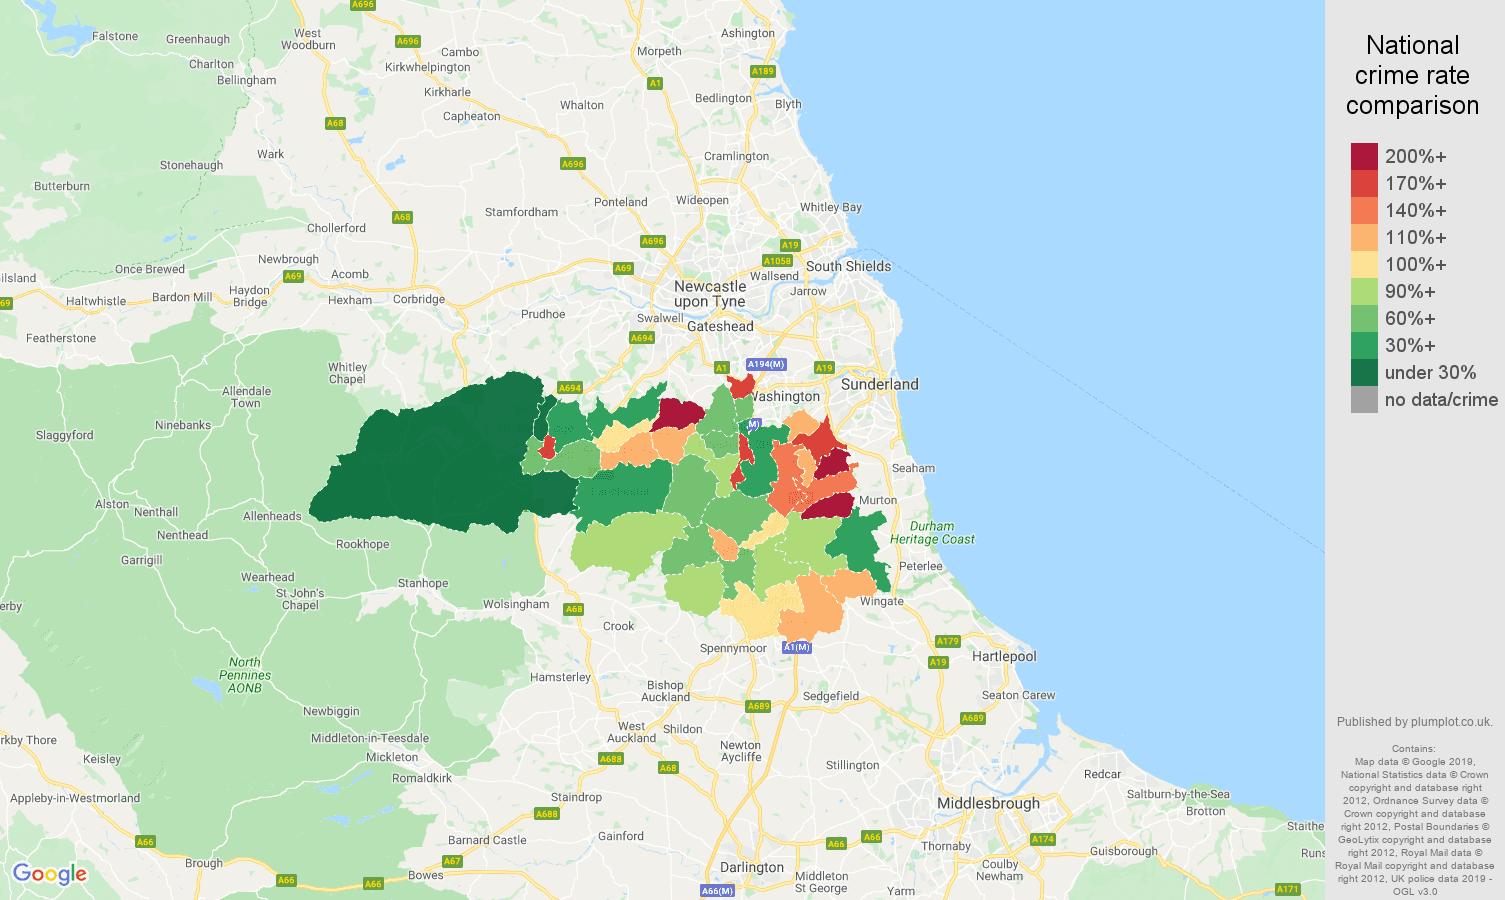 Durham public order crime rate comparison map